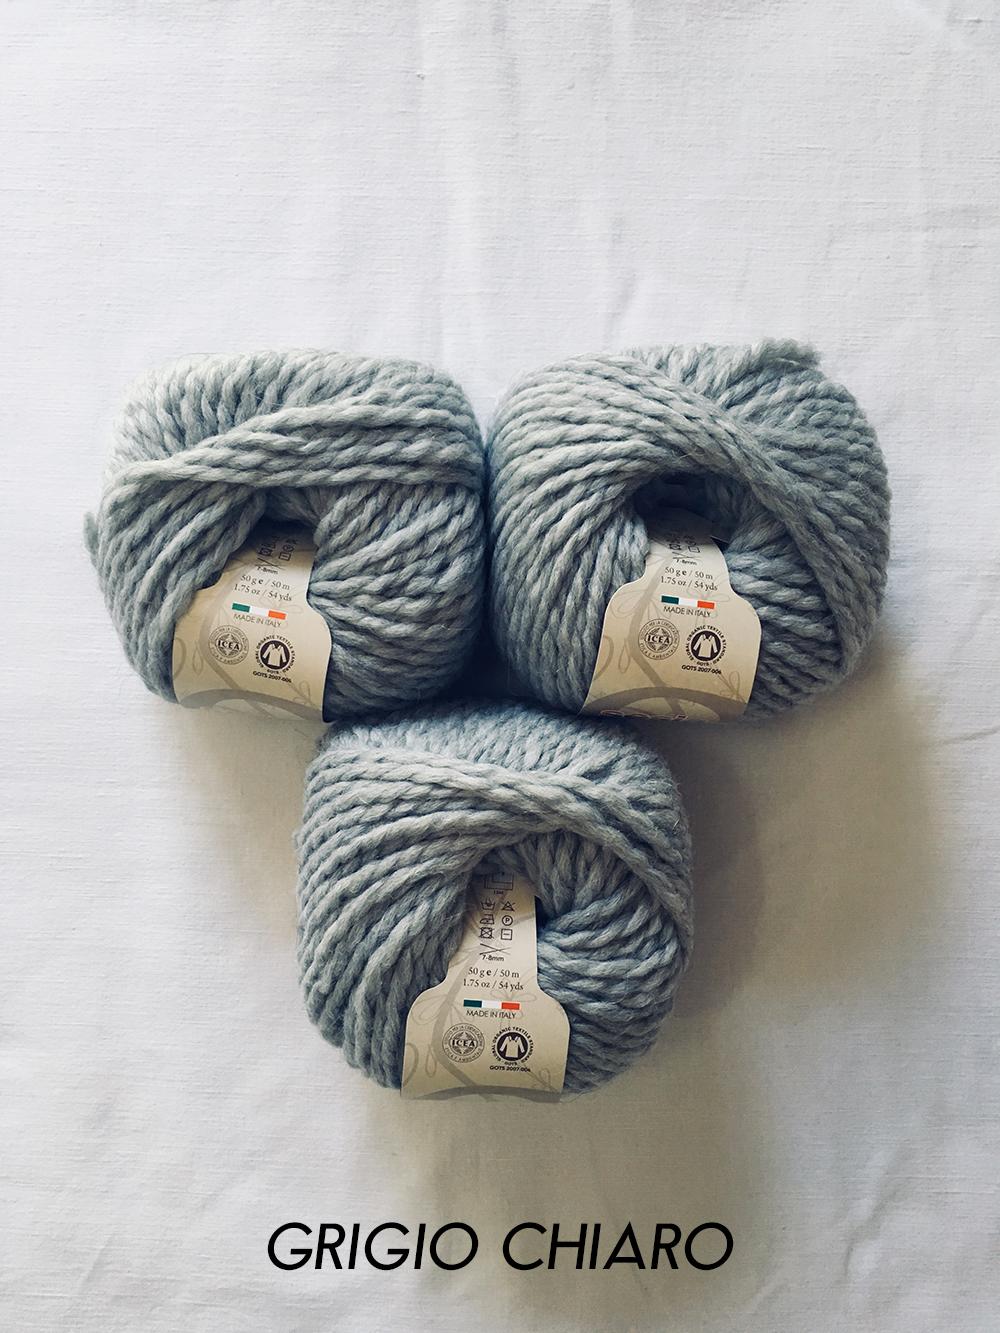 sesia_echos_grigio_chiaro_0046_wool_done_knitting.jpg